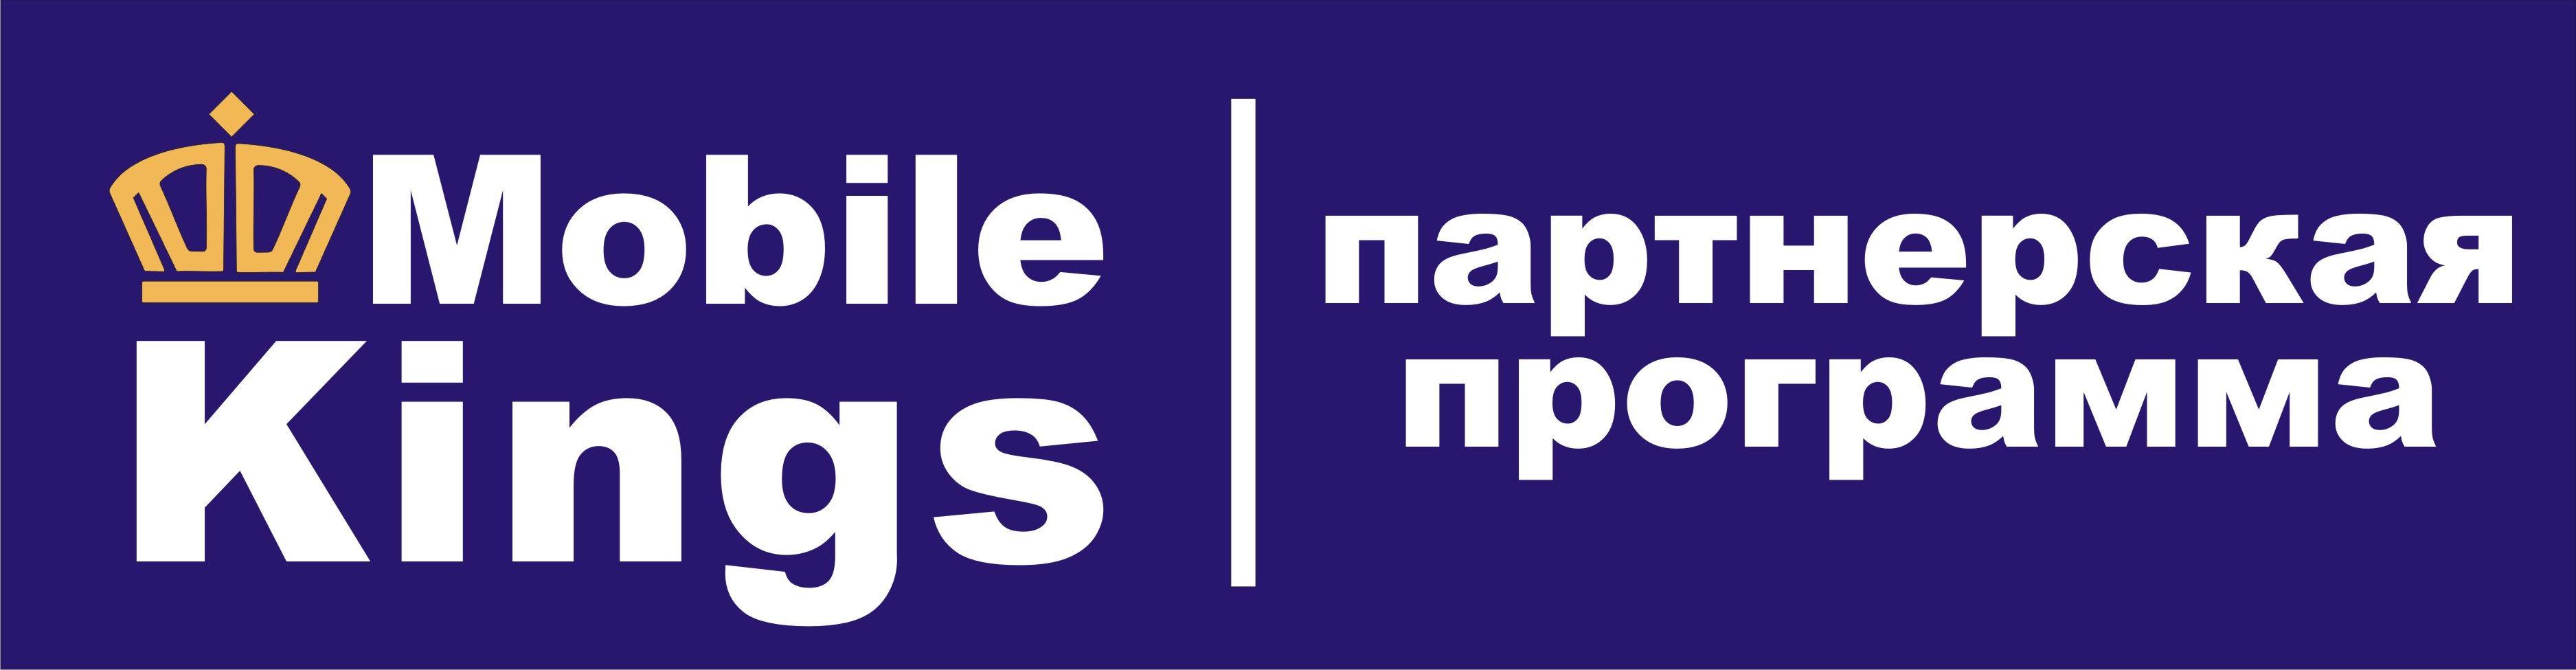 Логотип для партнерской программы MobileKings - дизайнер Alex-Dezainer